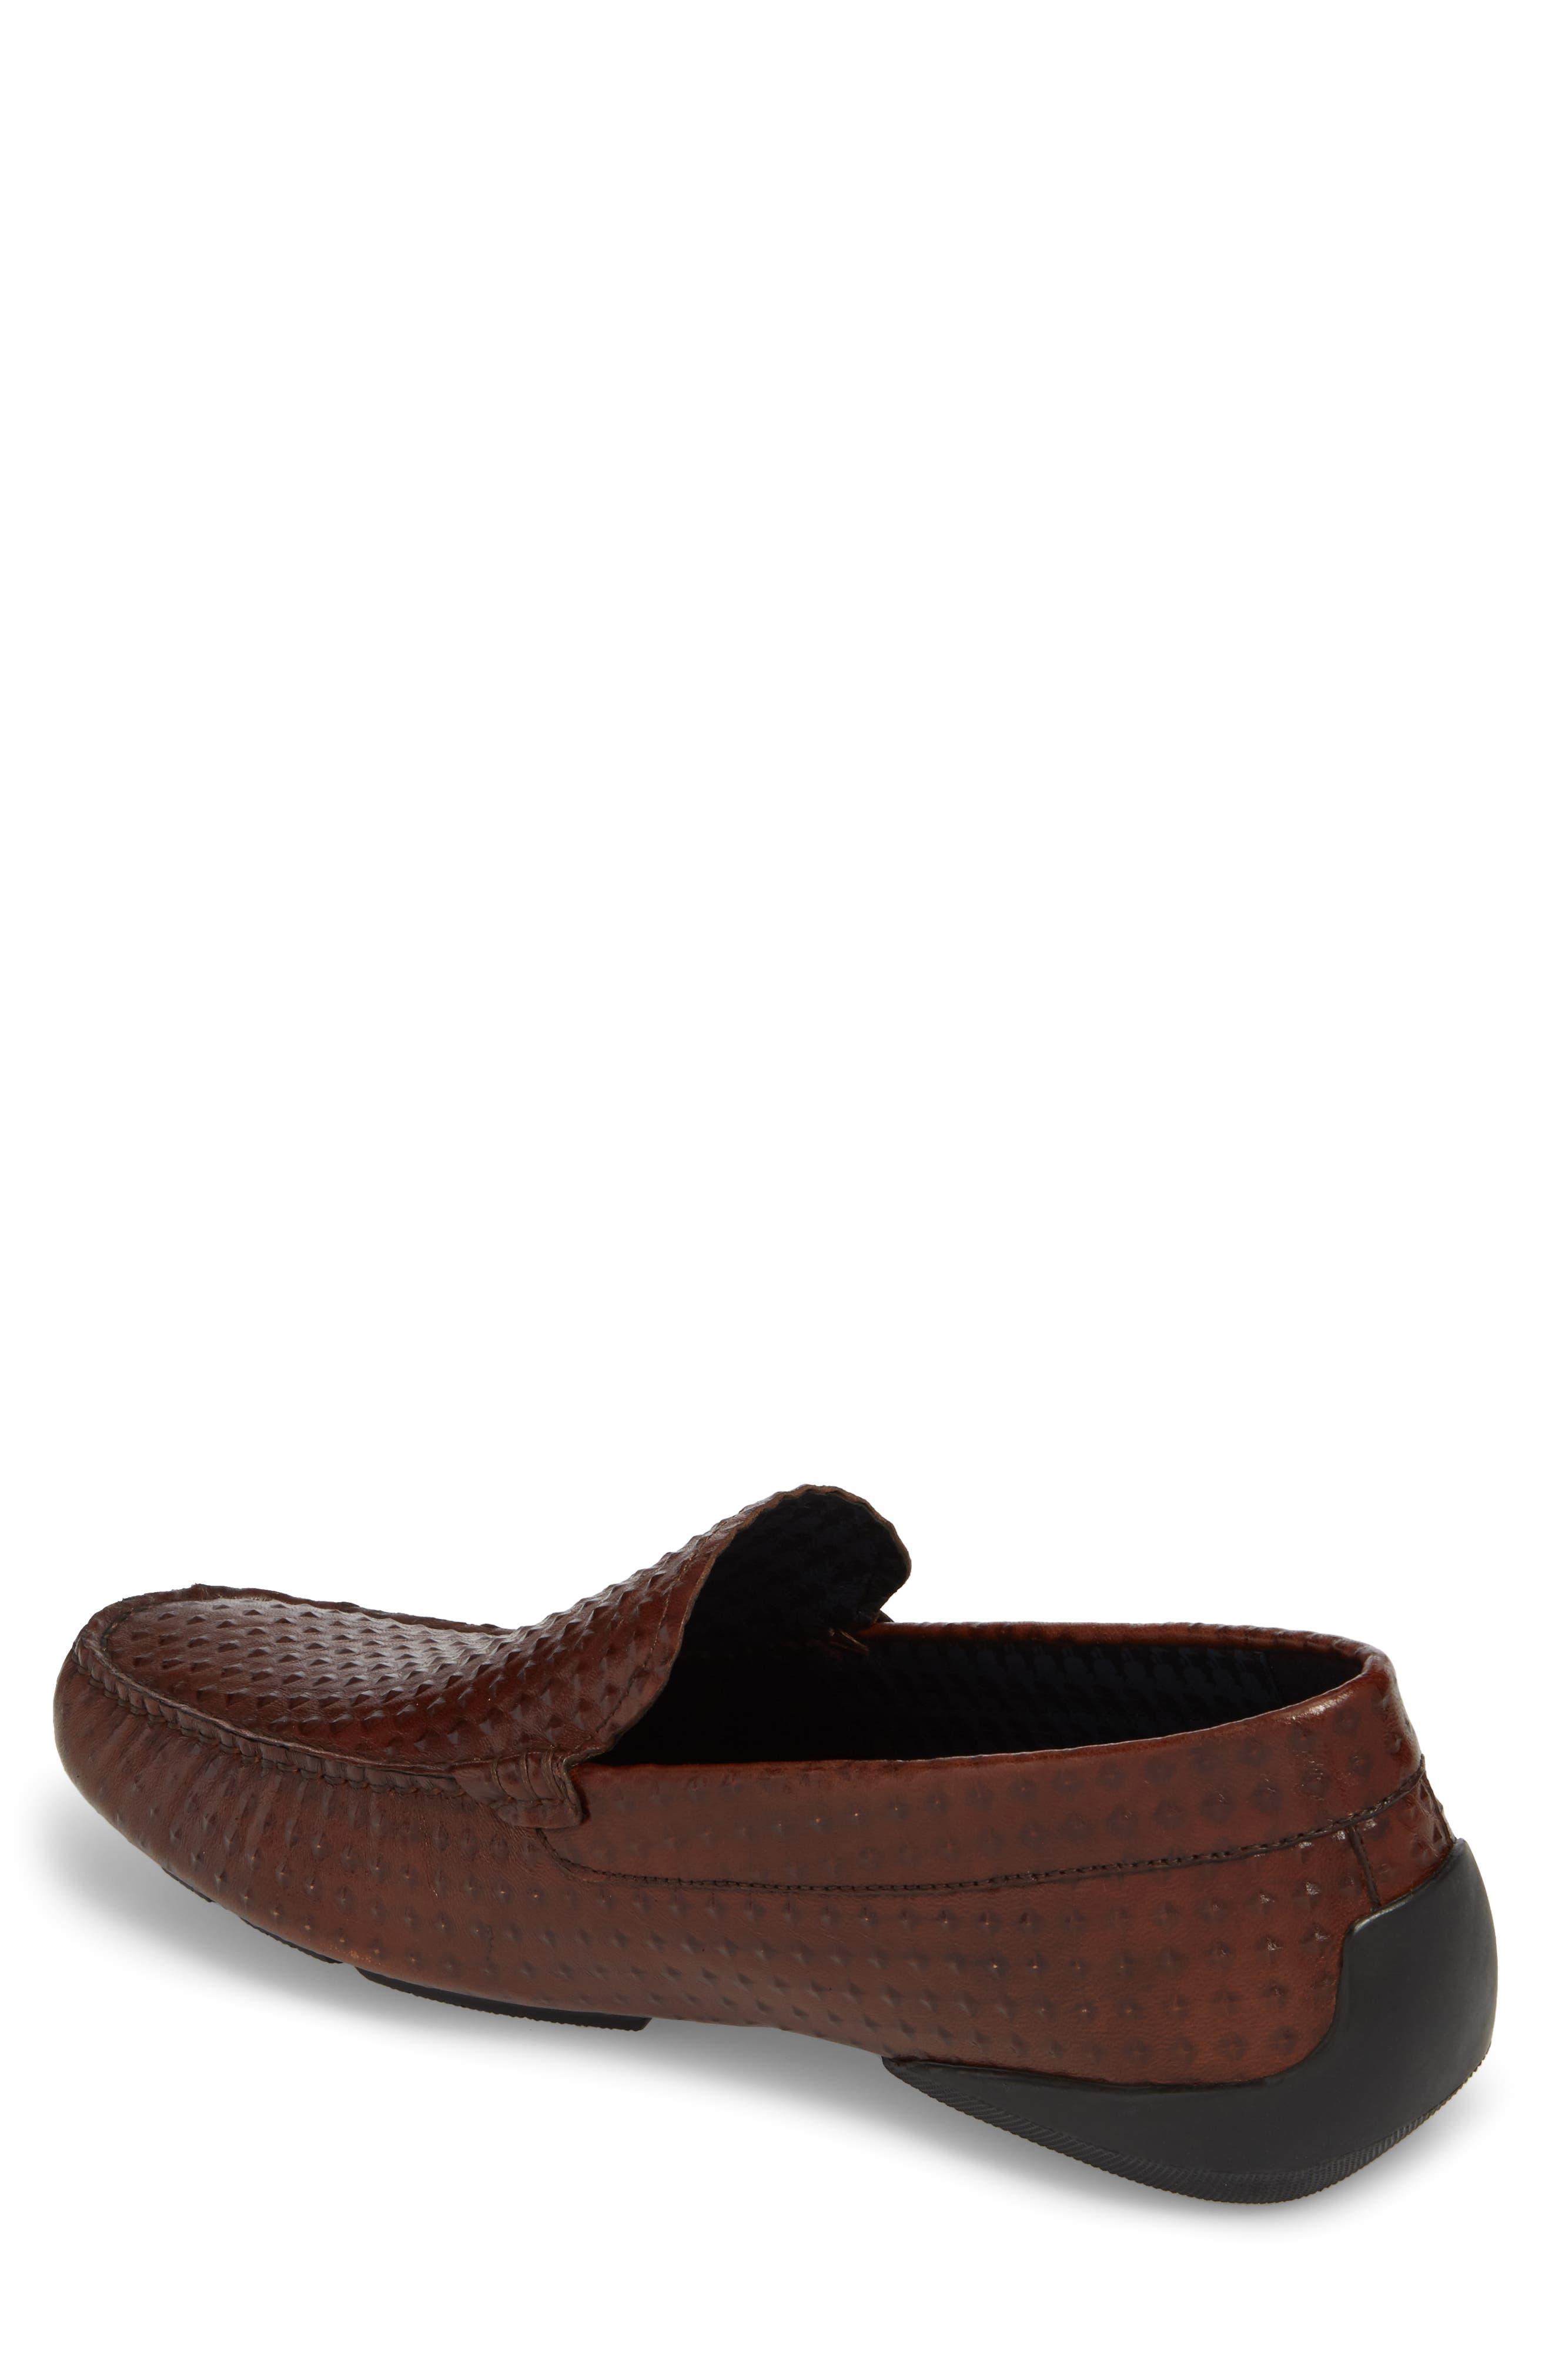 Driving Shoe,                             Alternate thumbnail 2, color,                             Cognac